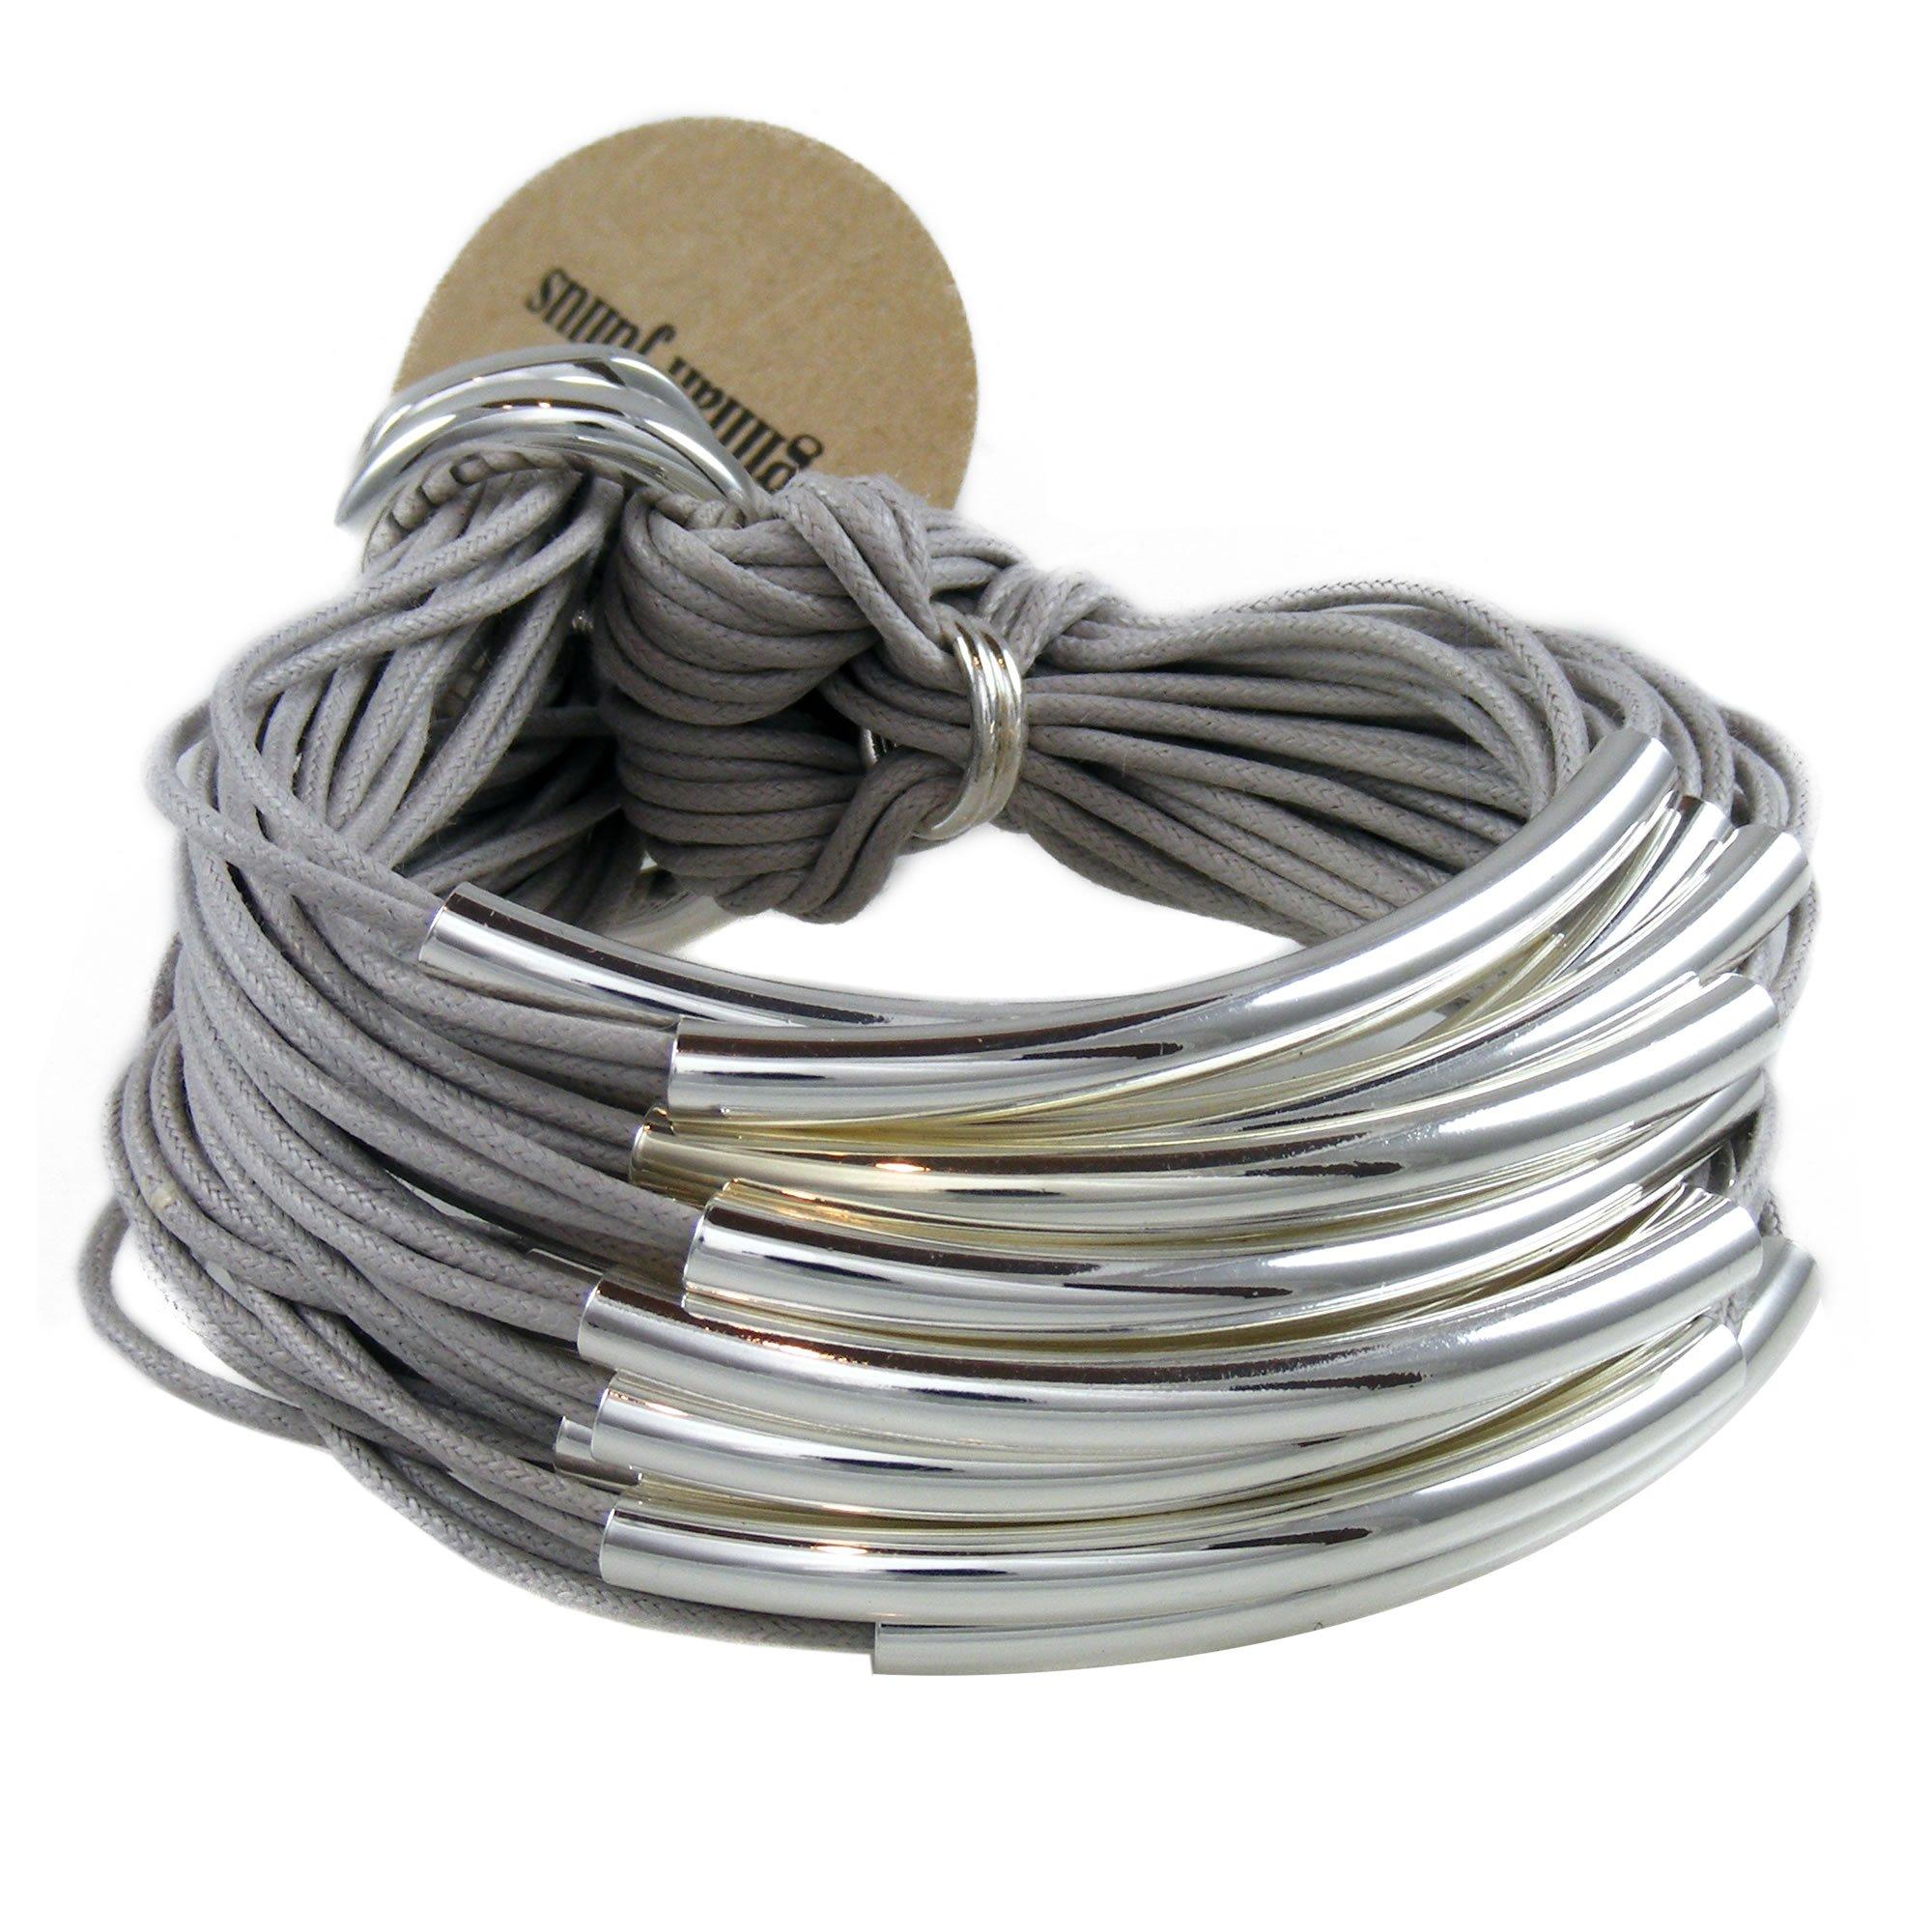 Gillian Julius Multi Tube Bracelet in Silver and Ice Grey